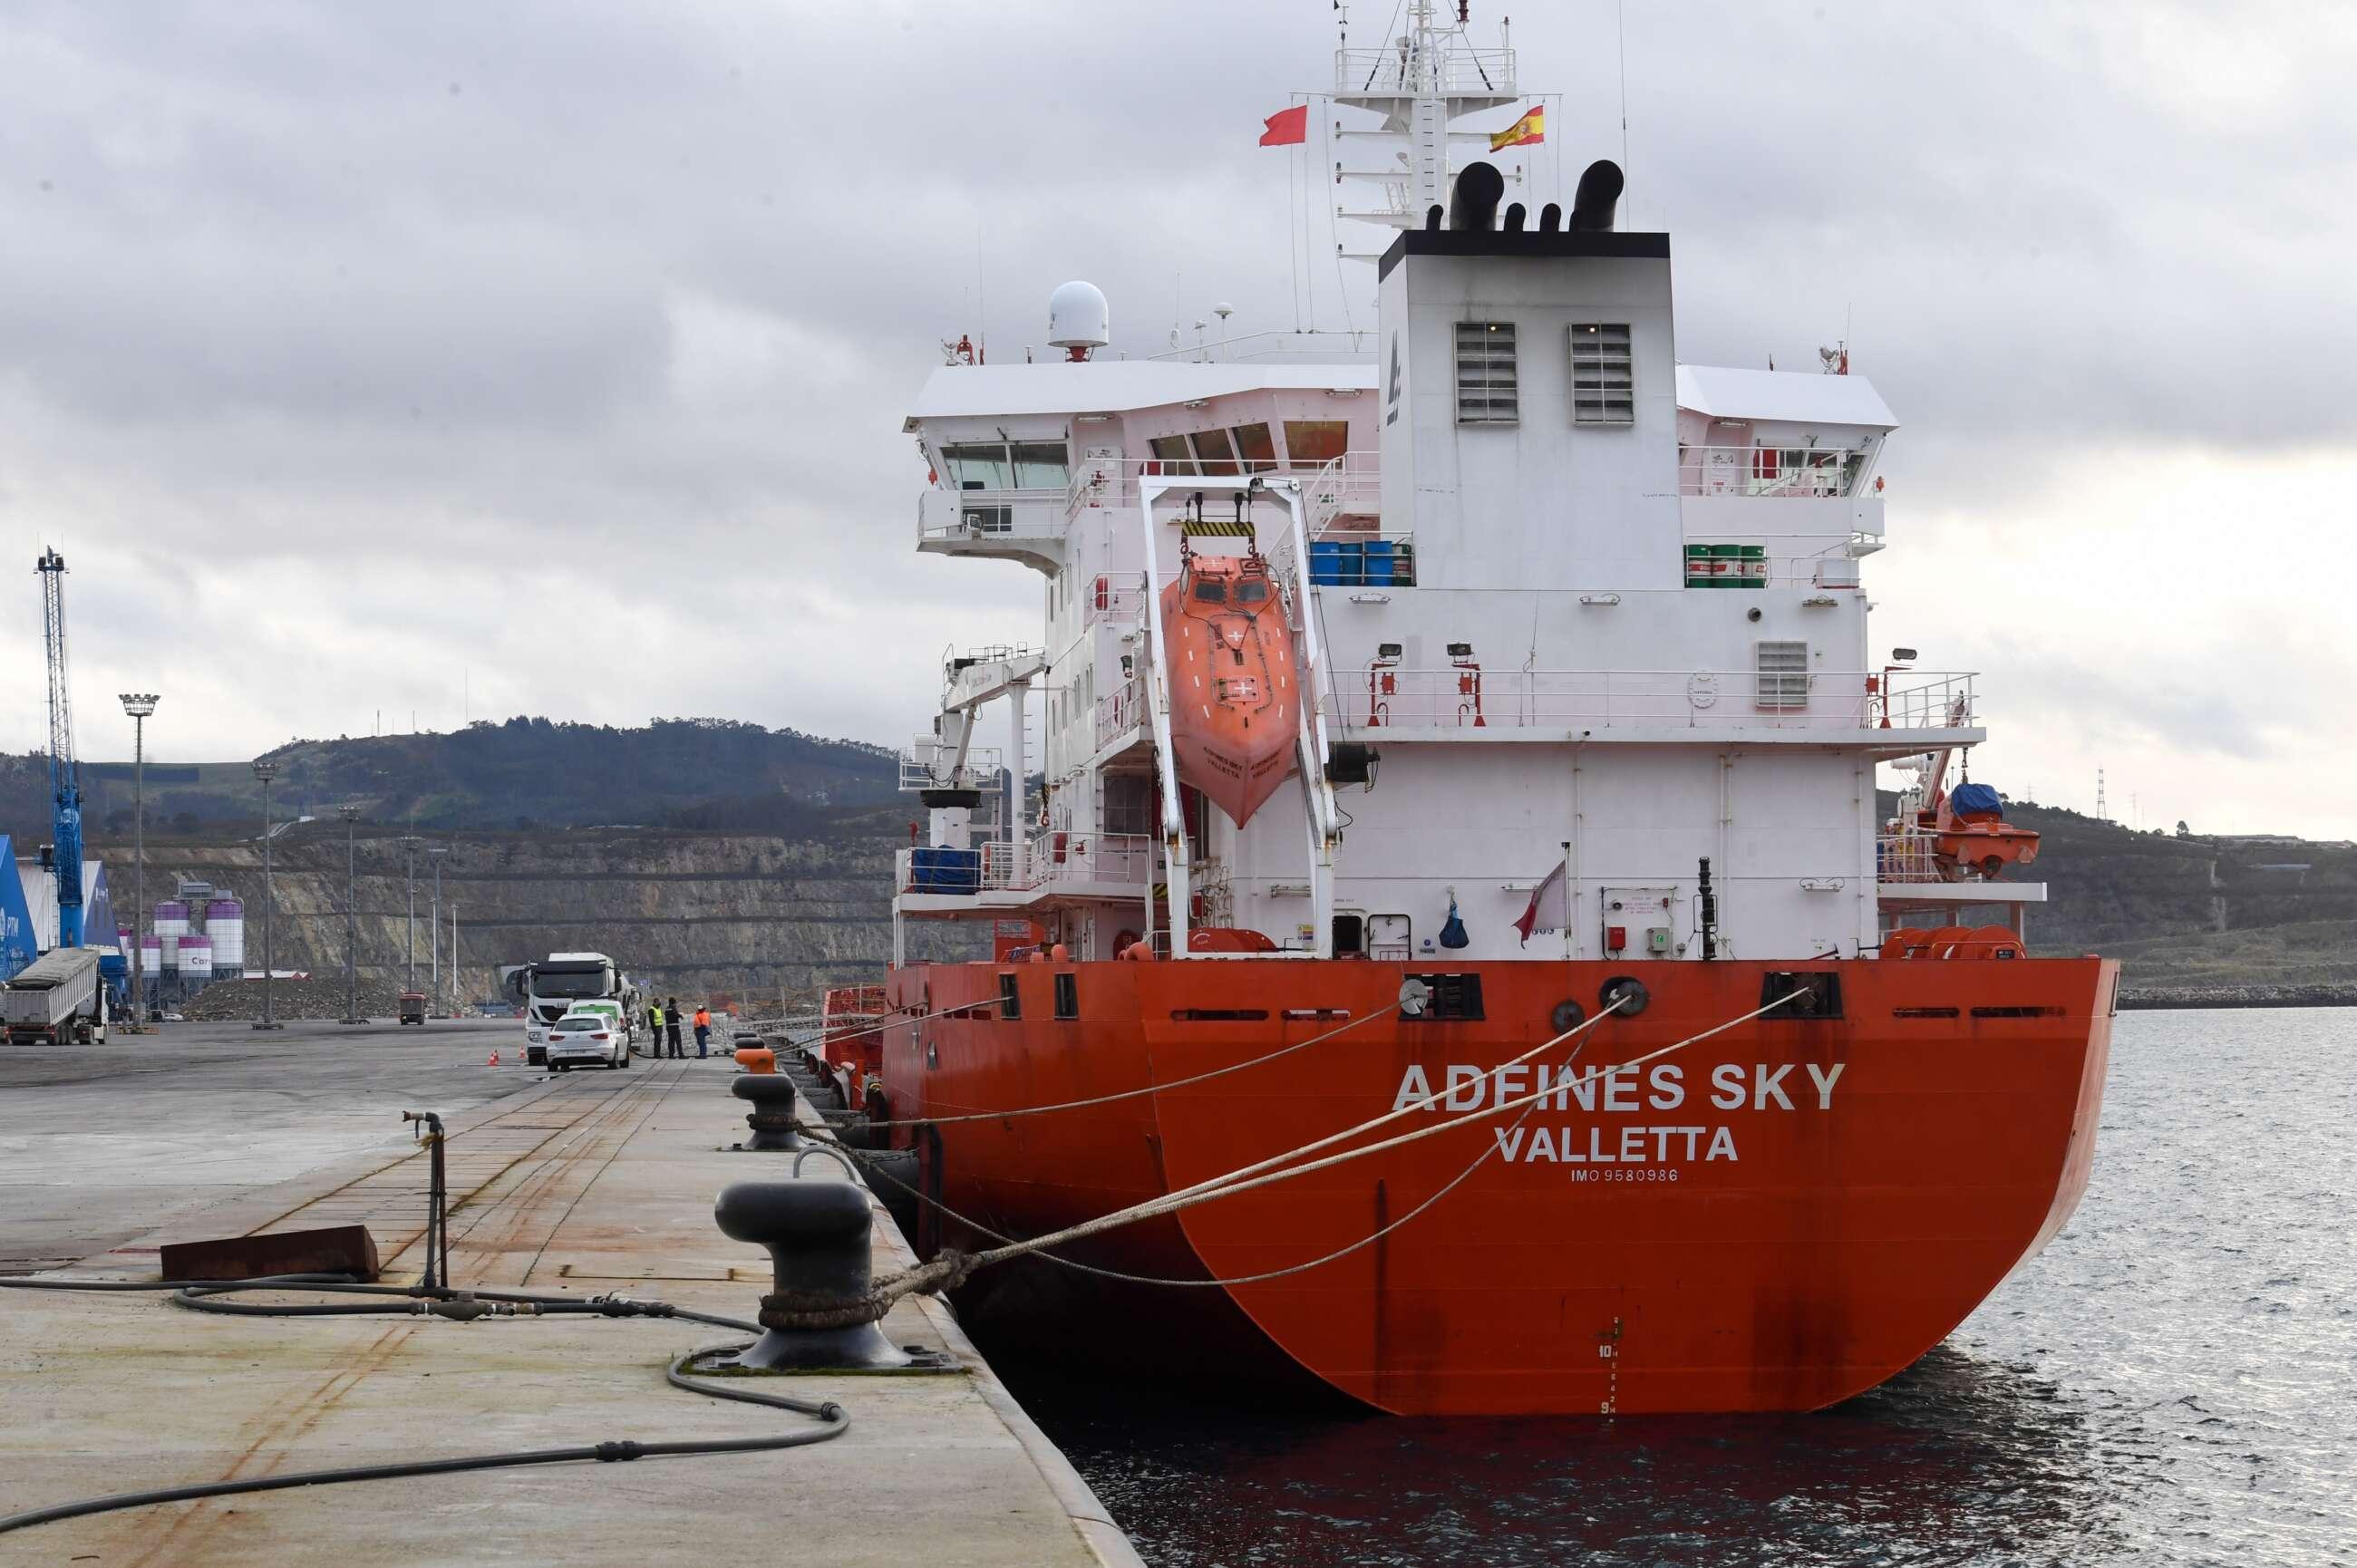 El buque atracado en el puerto exterior de A Coruña